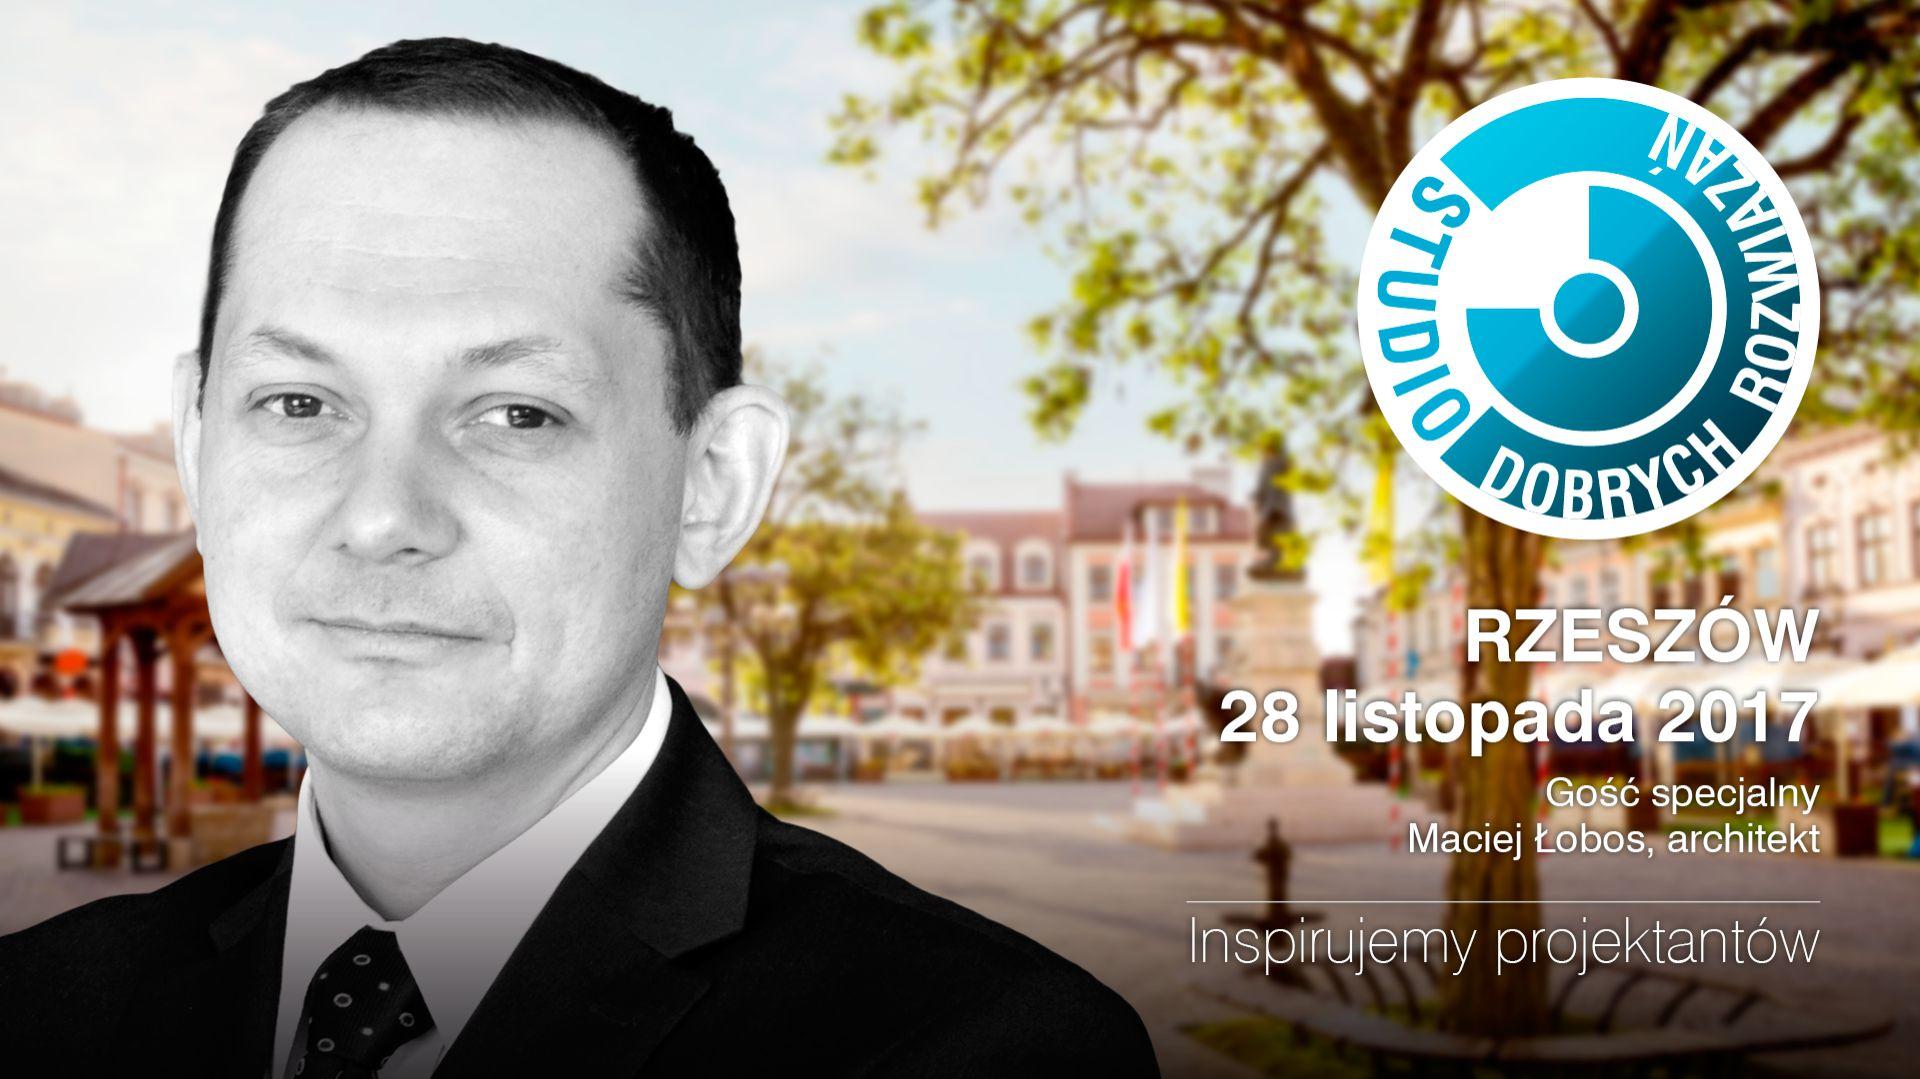 Maciej Łobos, architekt i prezes zarządu MWM Architekci będzie gościem specjalnym Studia Dobrych Rozwiązań, które odbędzie się w Rzeszowie 28 listopada br.